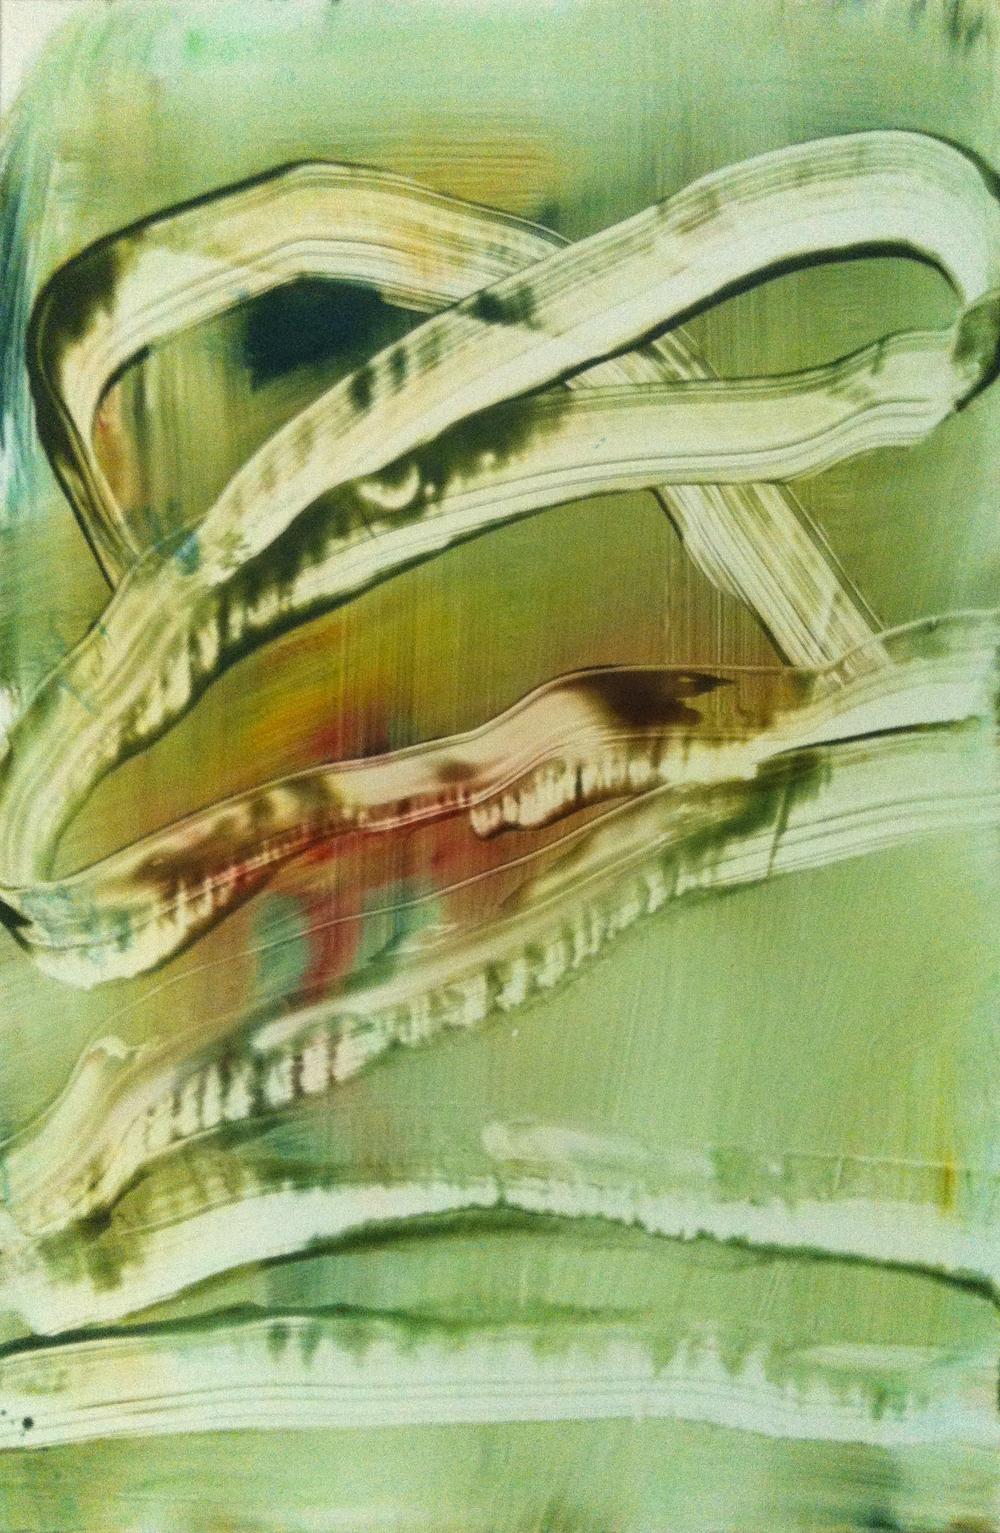 """Careening, 2013   Acrylic on Yupo, 18"""" x 12"""""""